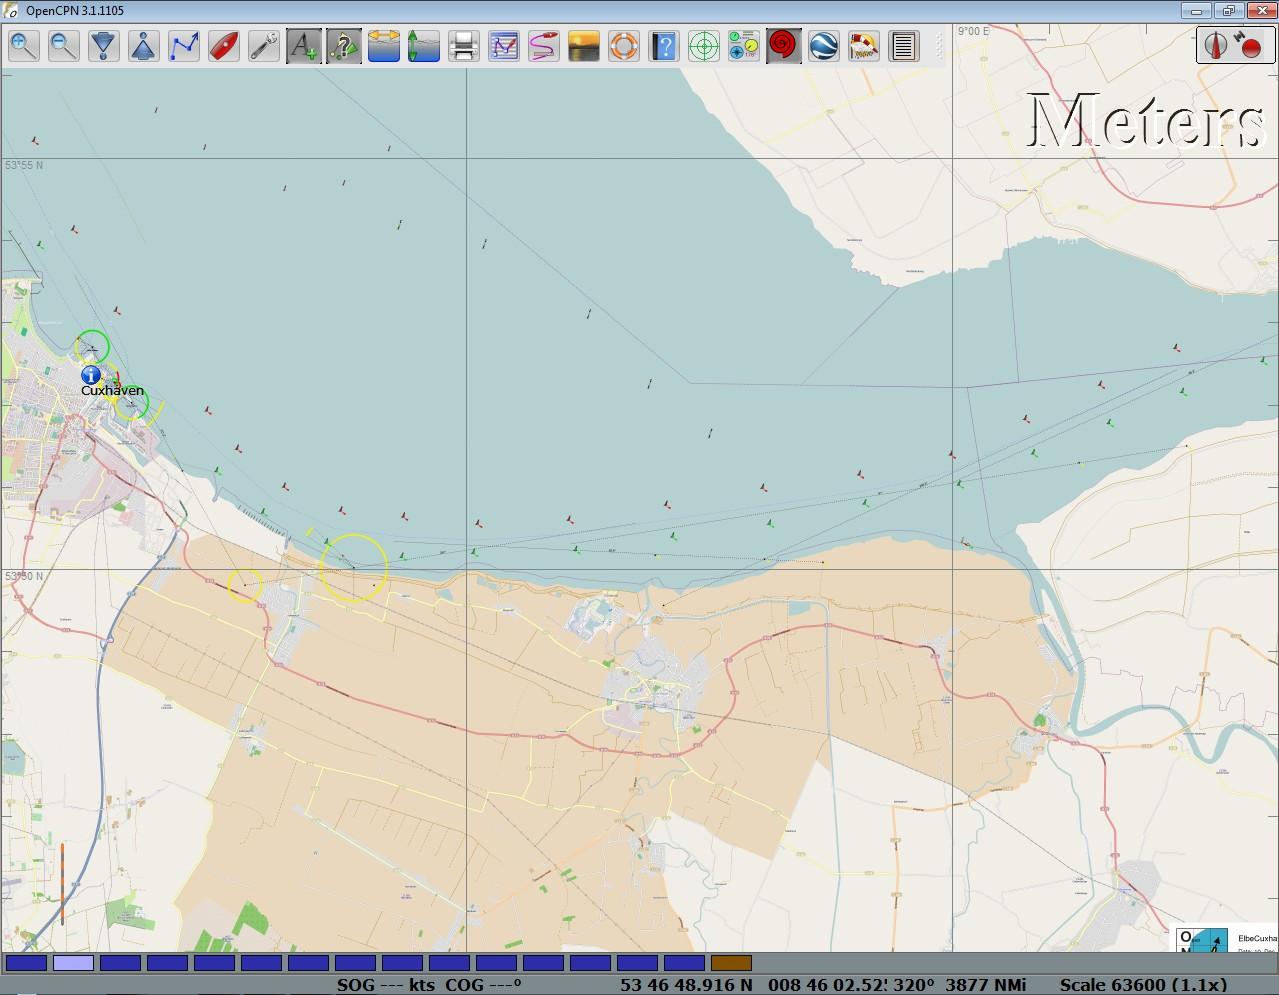 Click image for larger version  Name:Captured_001 Nov. 30 10.05.jpg Views:87 Size:199.3 KB ID:50476